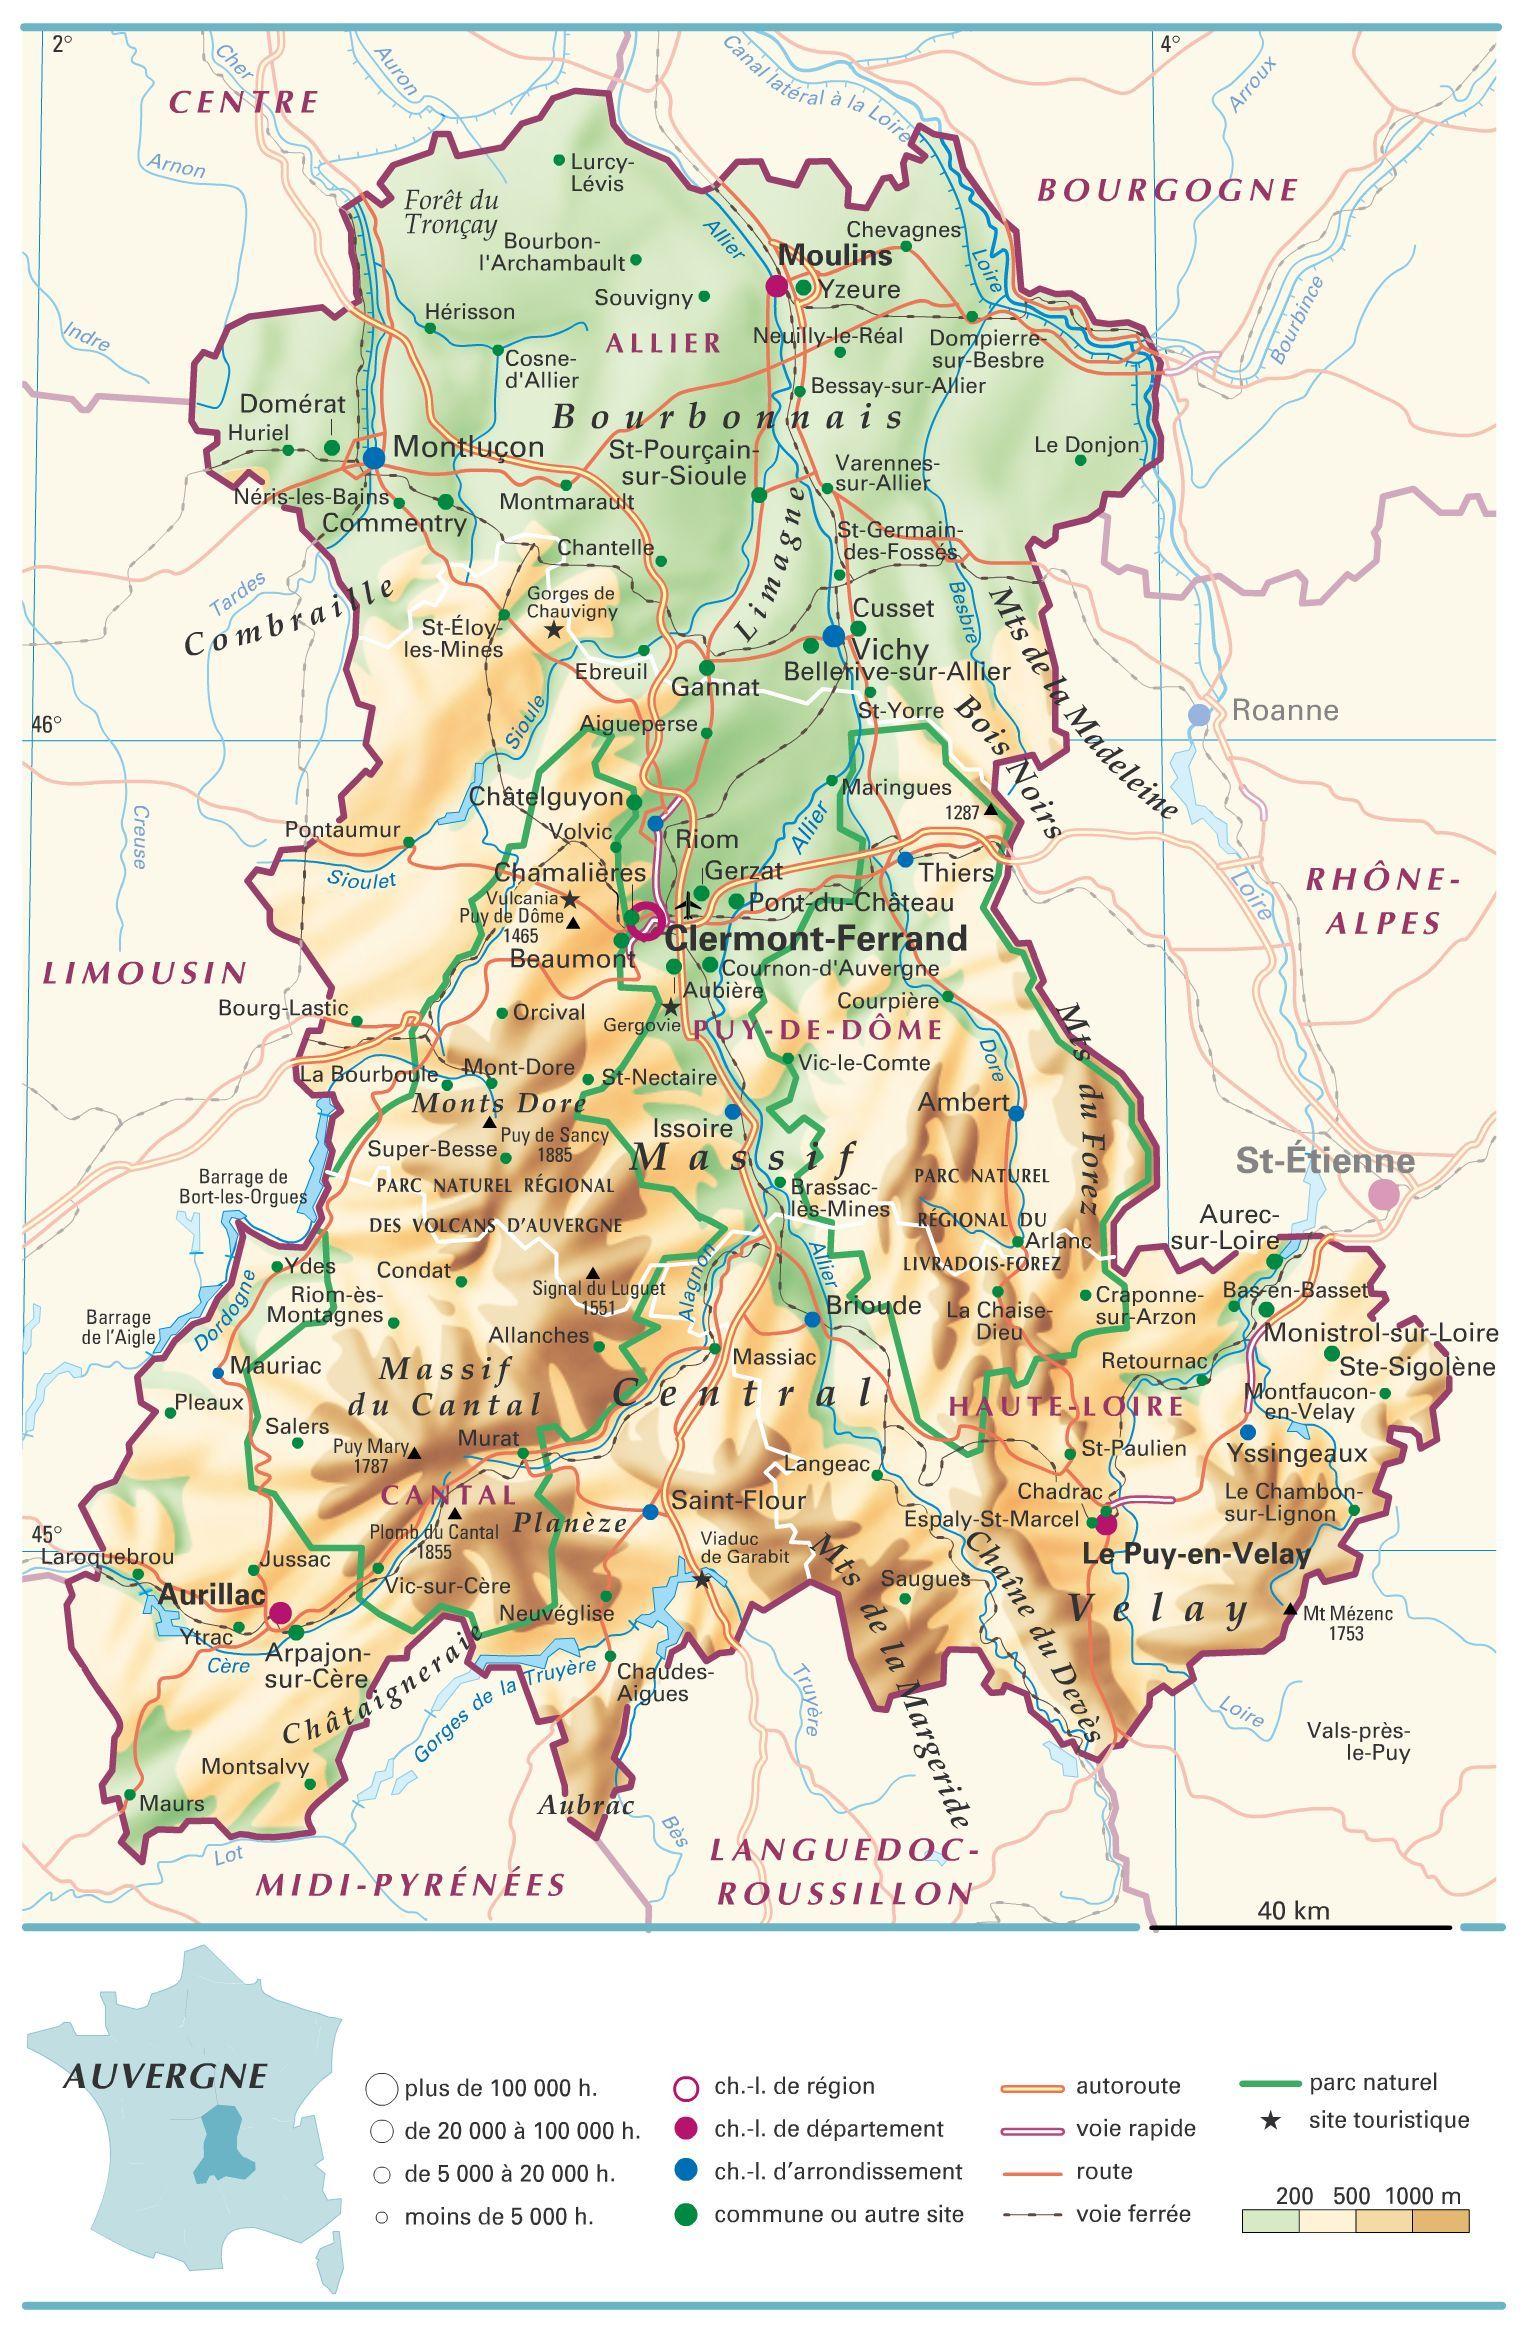 carte de l auvergne Carte Auvergne | Auvergne, Clermont ferrand, Roanne